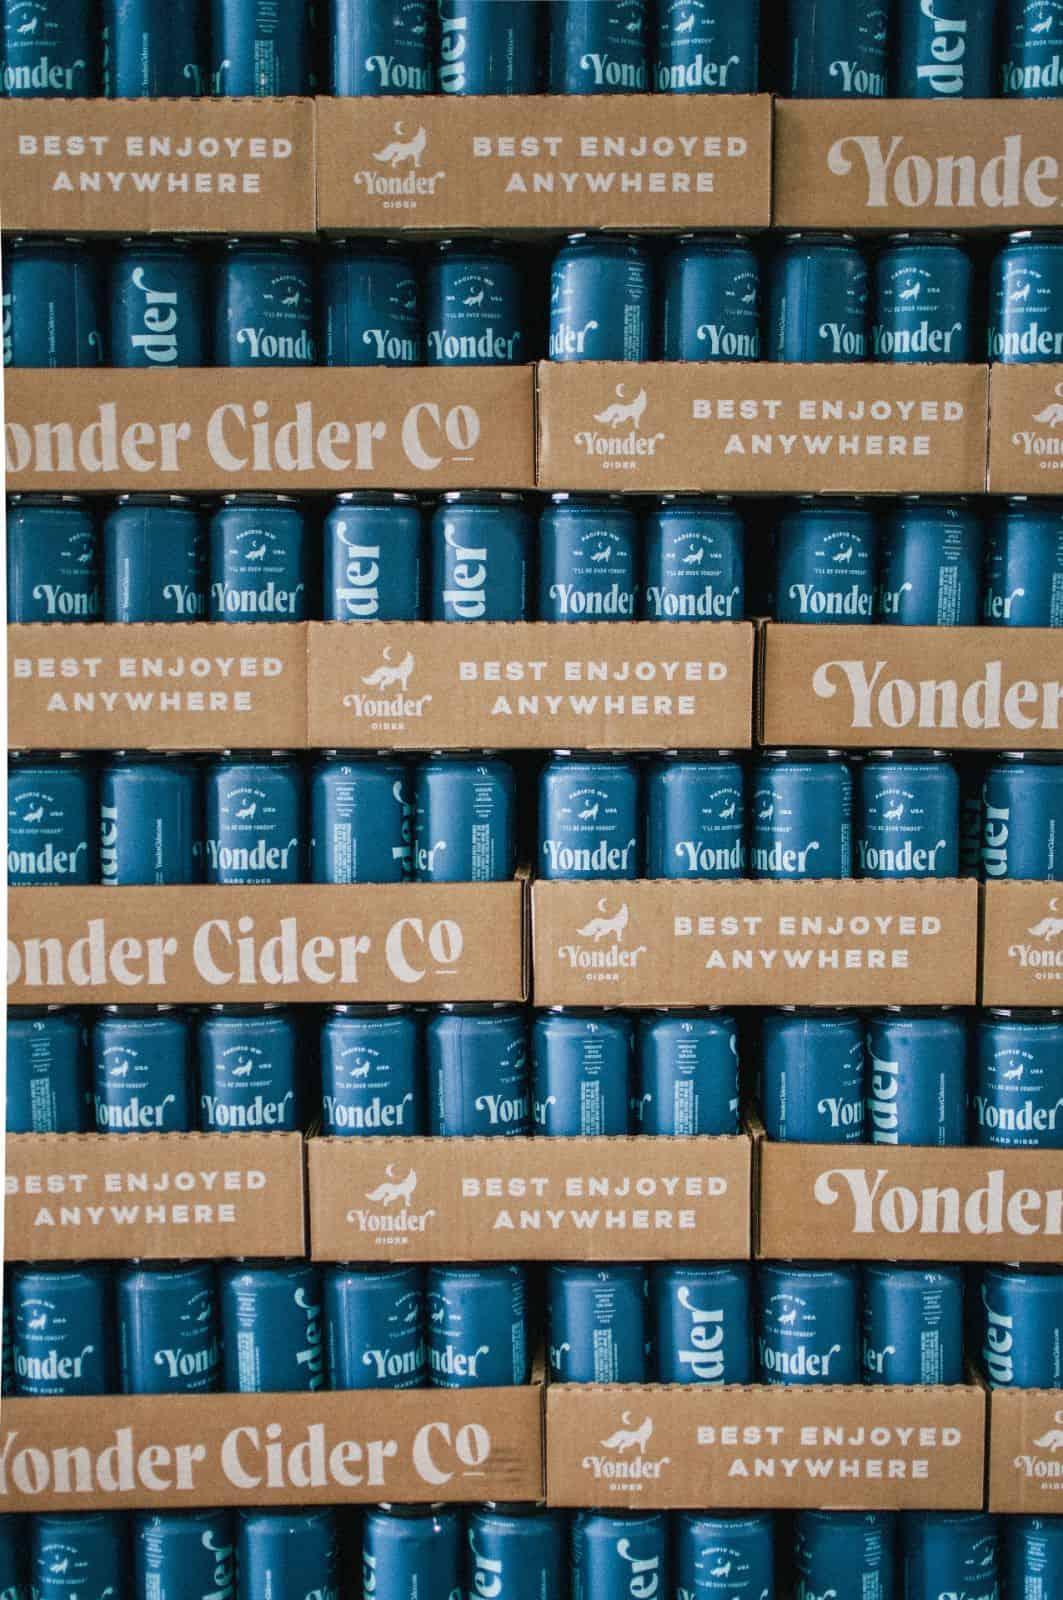 Yonder Cider